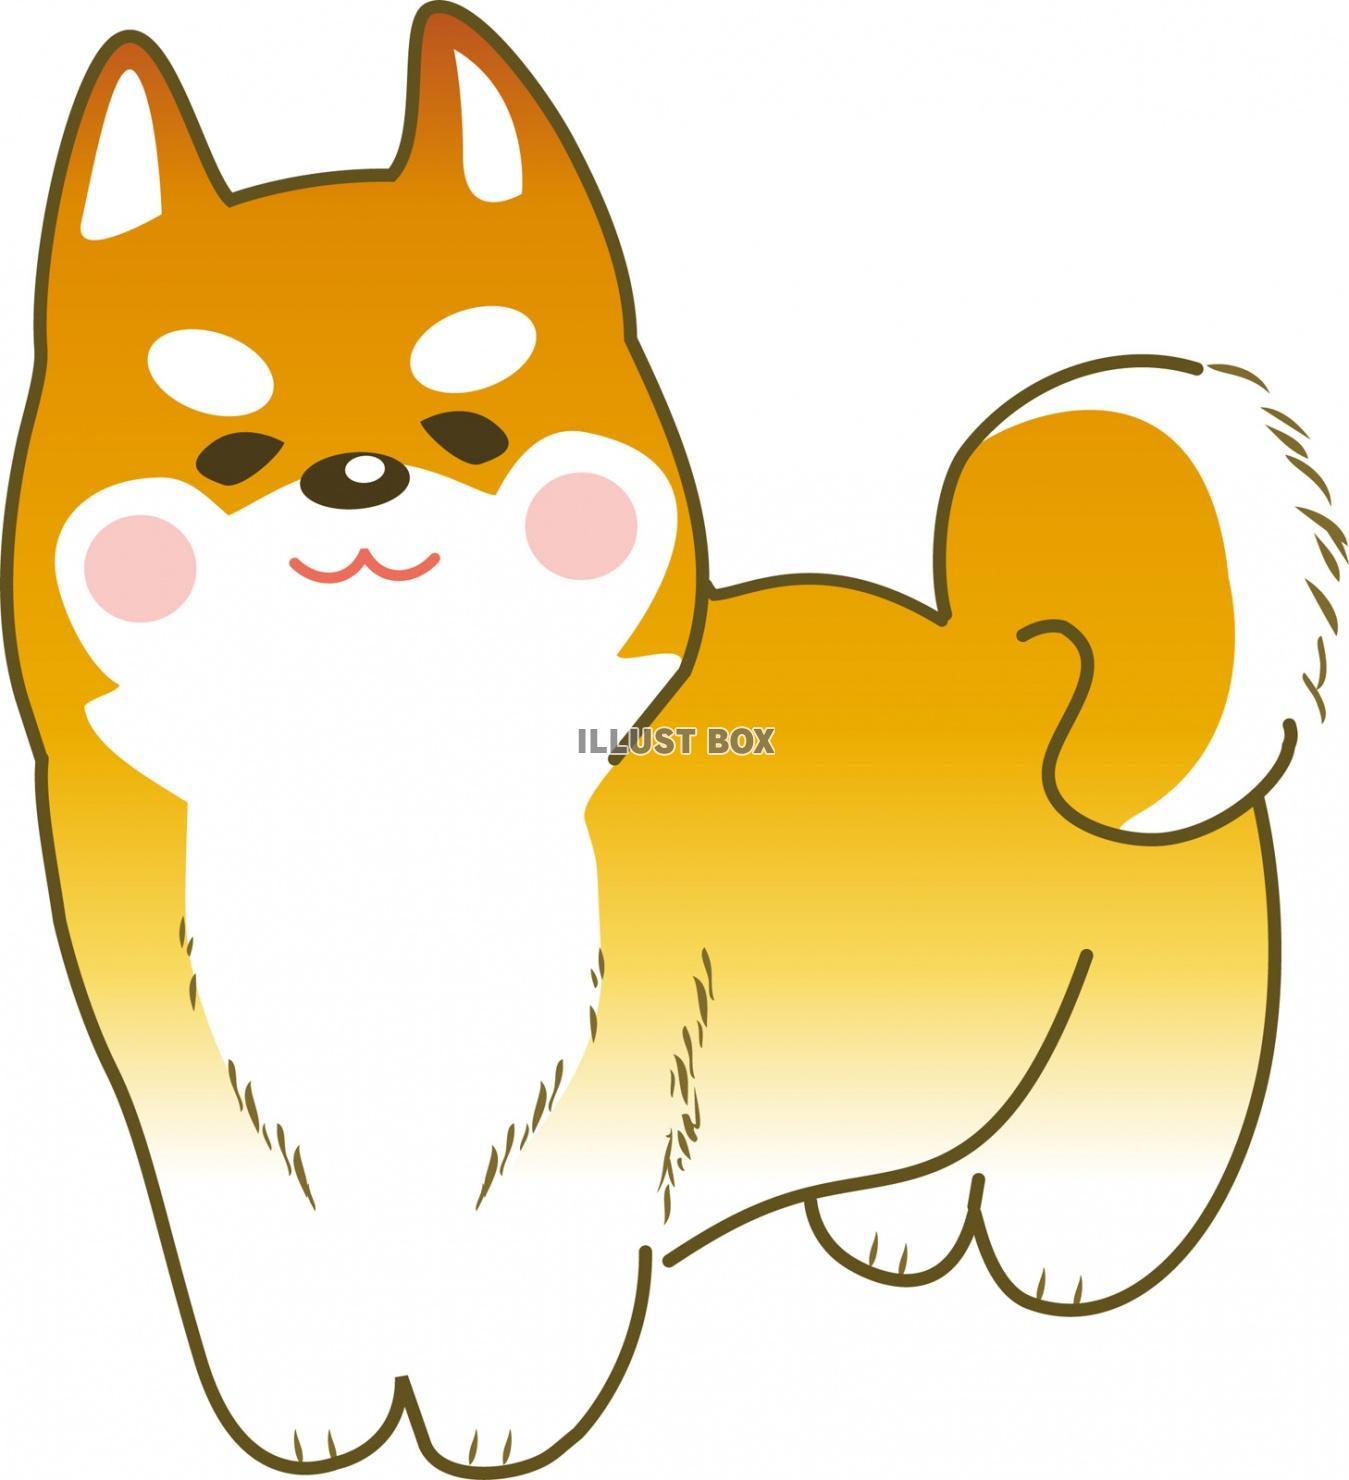 無料イラスト 年賀状素材犬,正月,干支,戌年,お年賀,冬,お正月,戌,謹賀